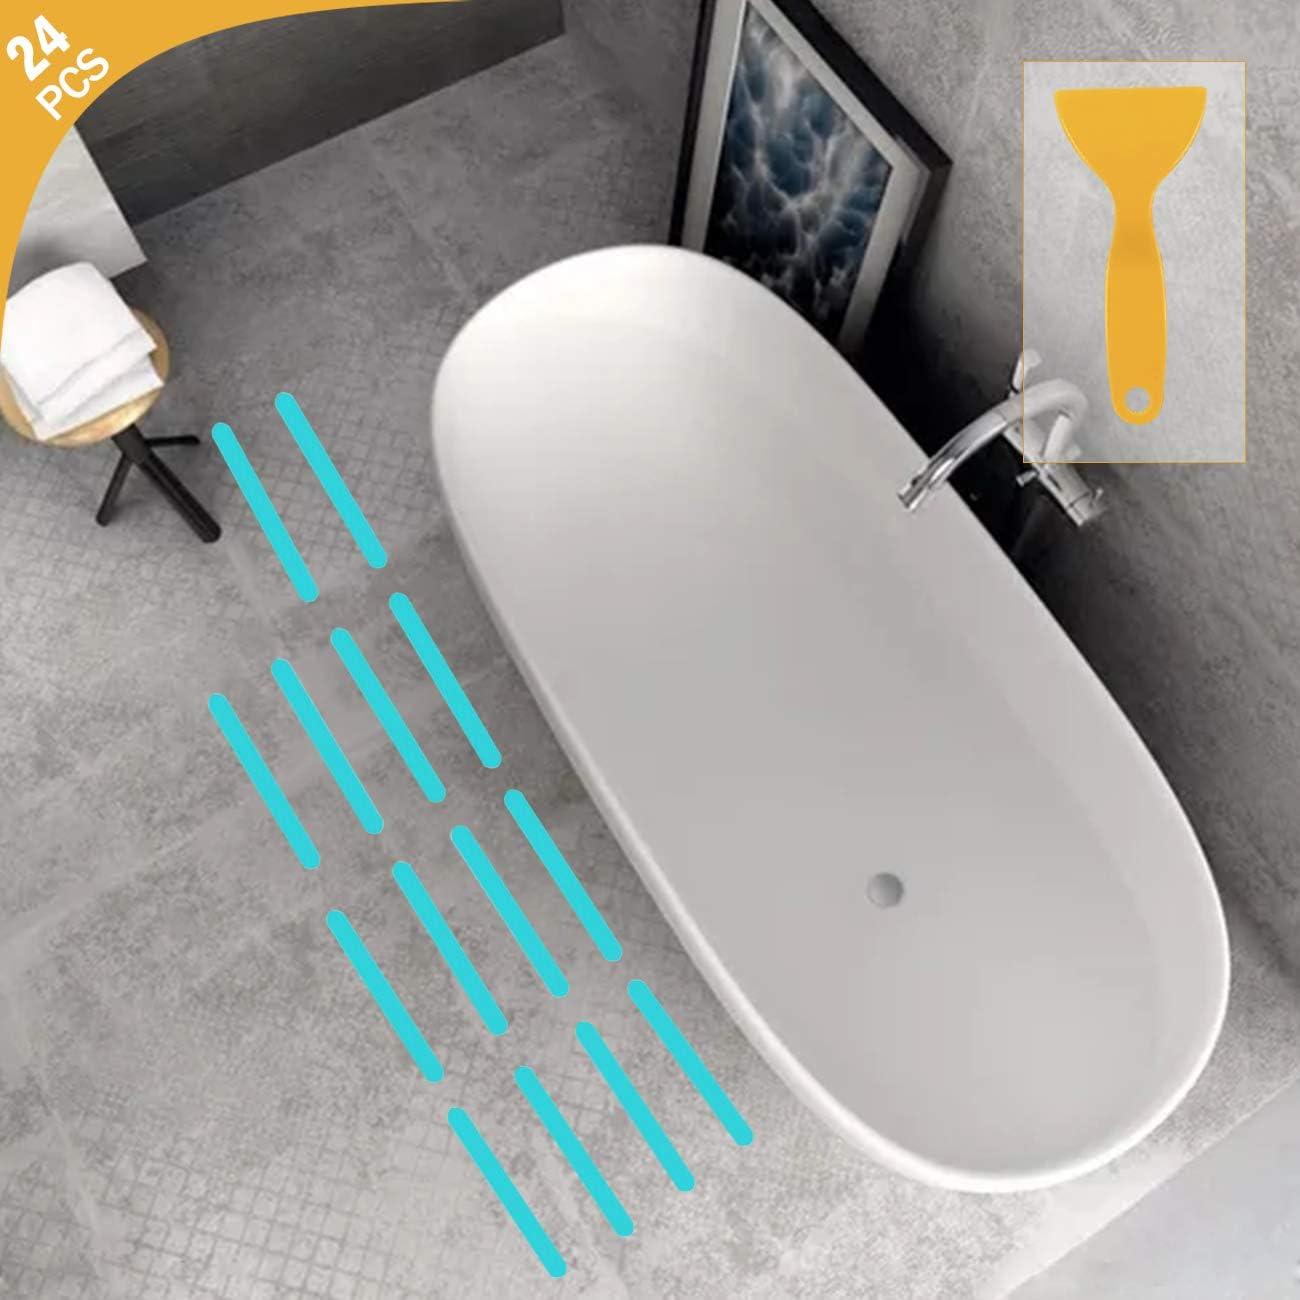 pour Baignoire Escaliers Salle de Douche Surfaces Glissantes 14 Pi/èces Autocollants de Baignoire Antid/érapants avec Une Spatule en Plastique Autocollants Antid/érapants en Forme de Fleur